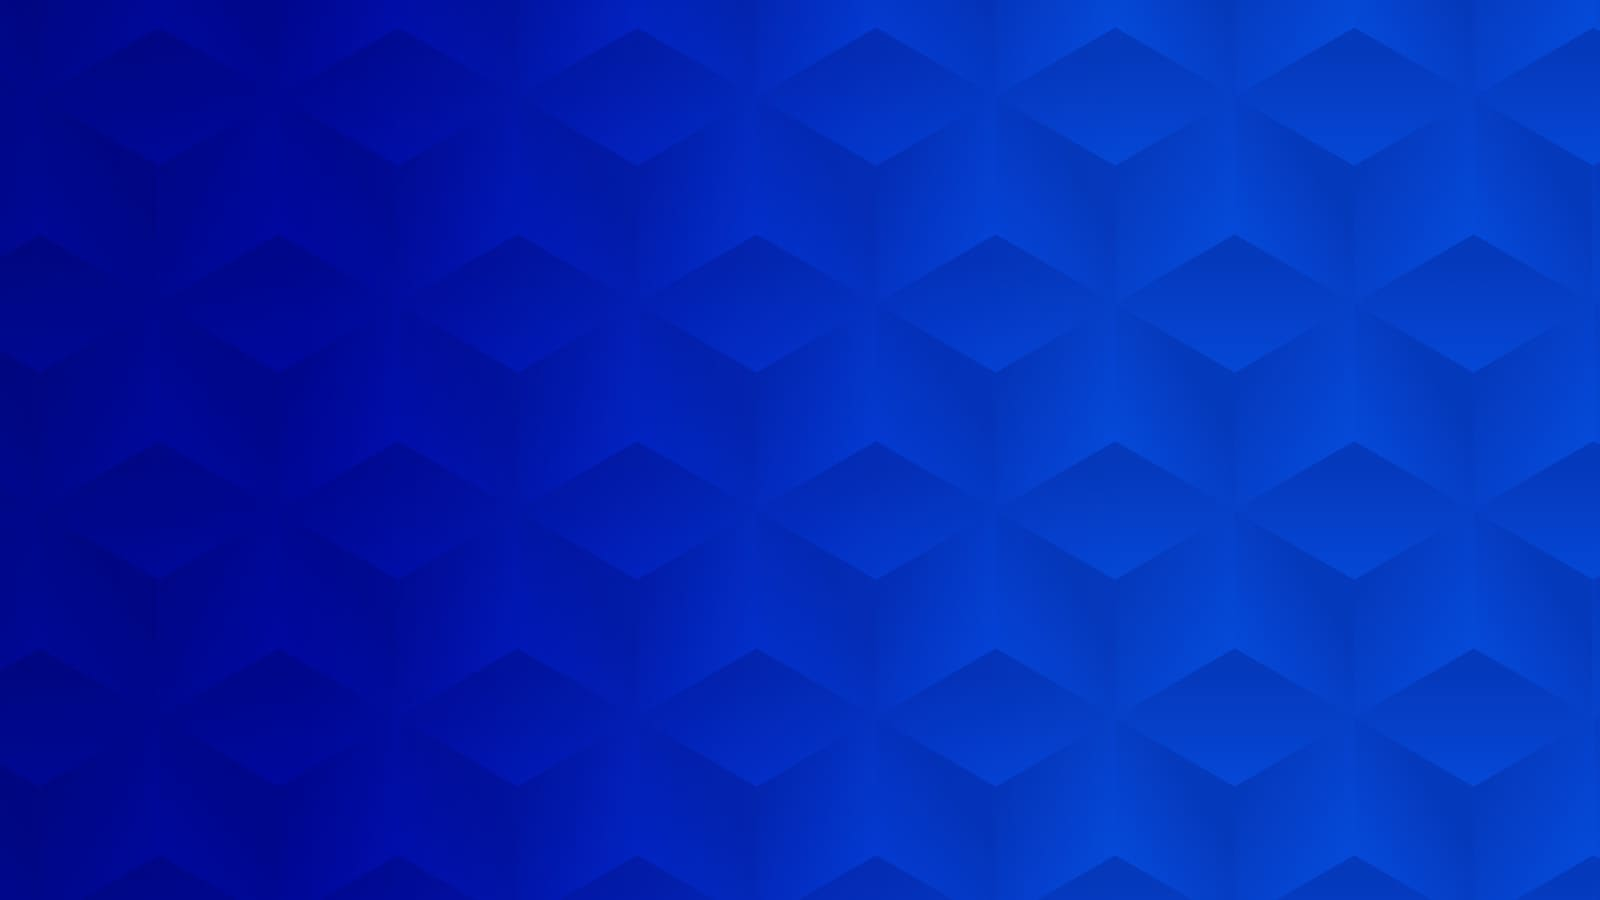 Storwize V5000E - Overview | IBM